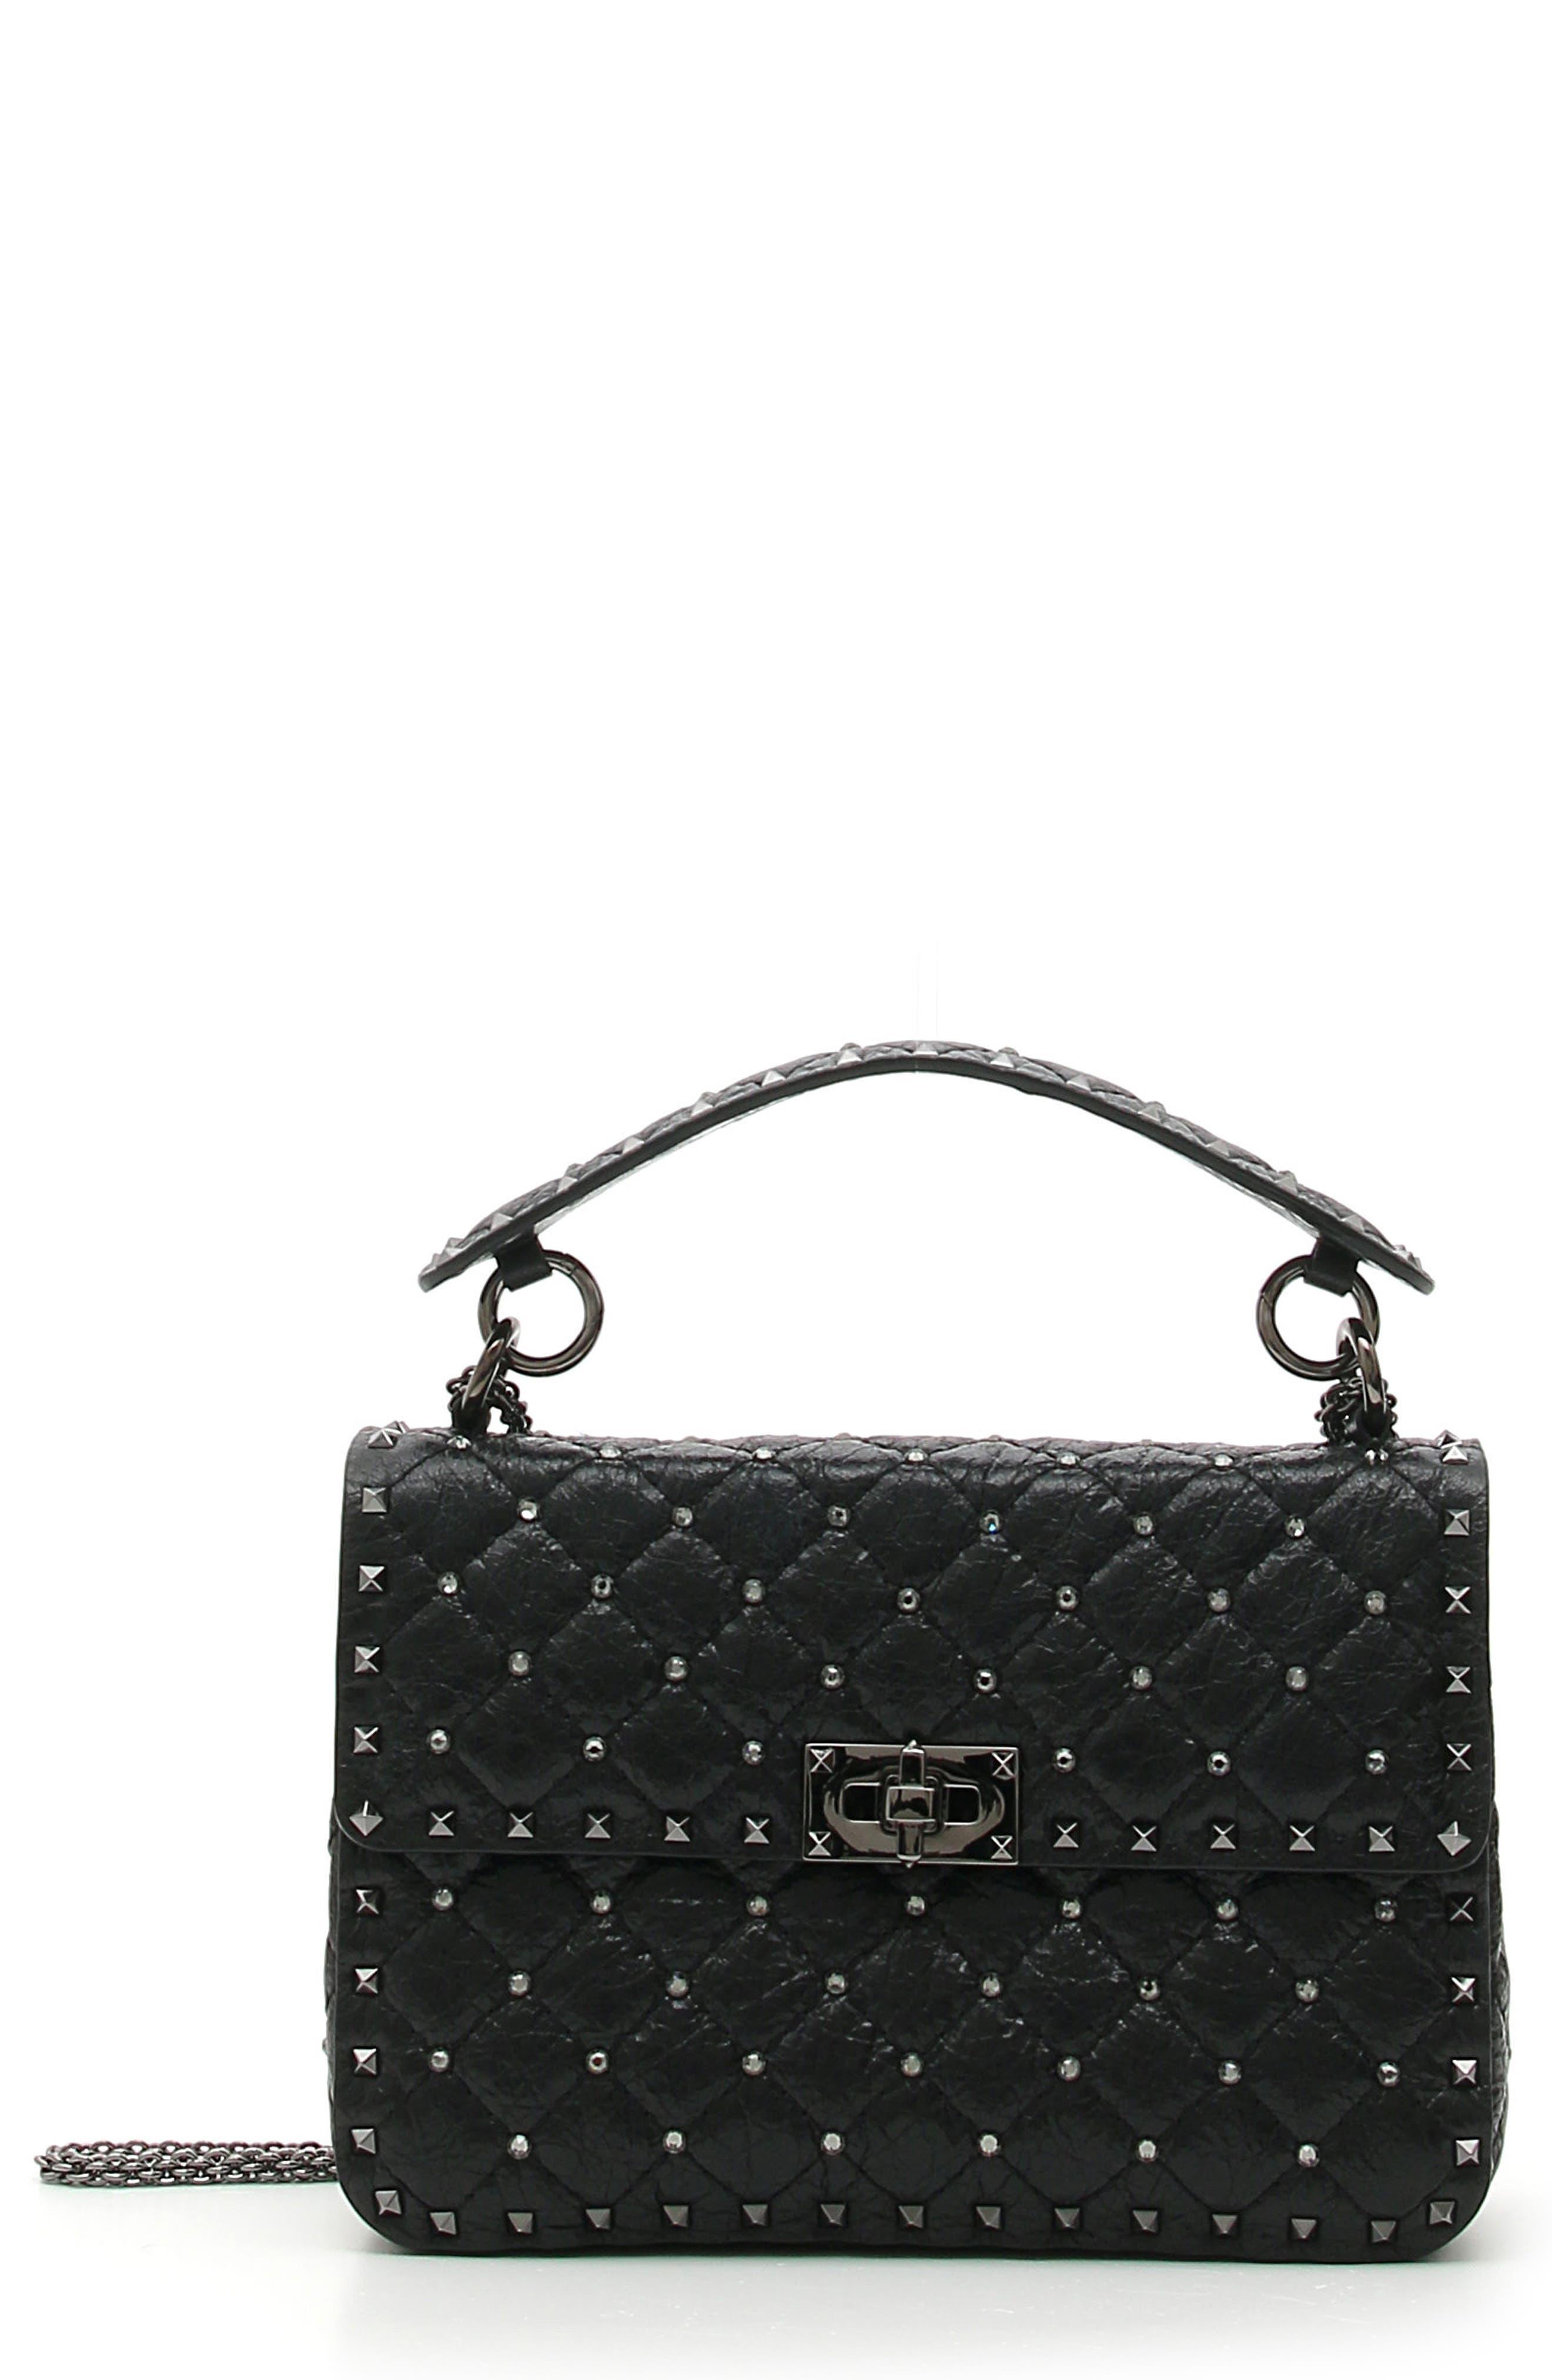 Medium Rockstud Matelassé Quilted Leather Shoulder Bag,                         Main,                         color, BLACK